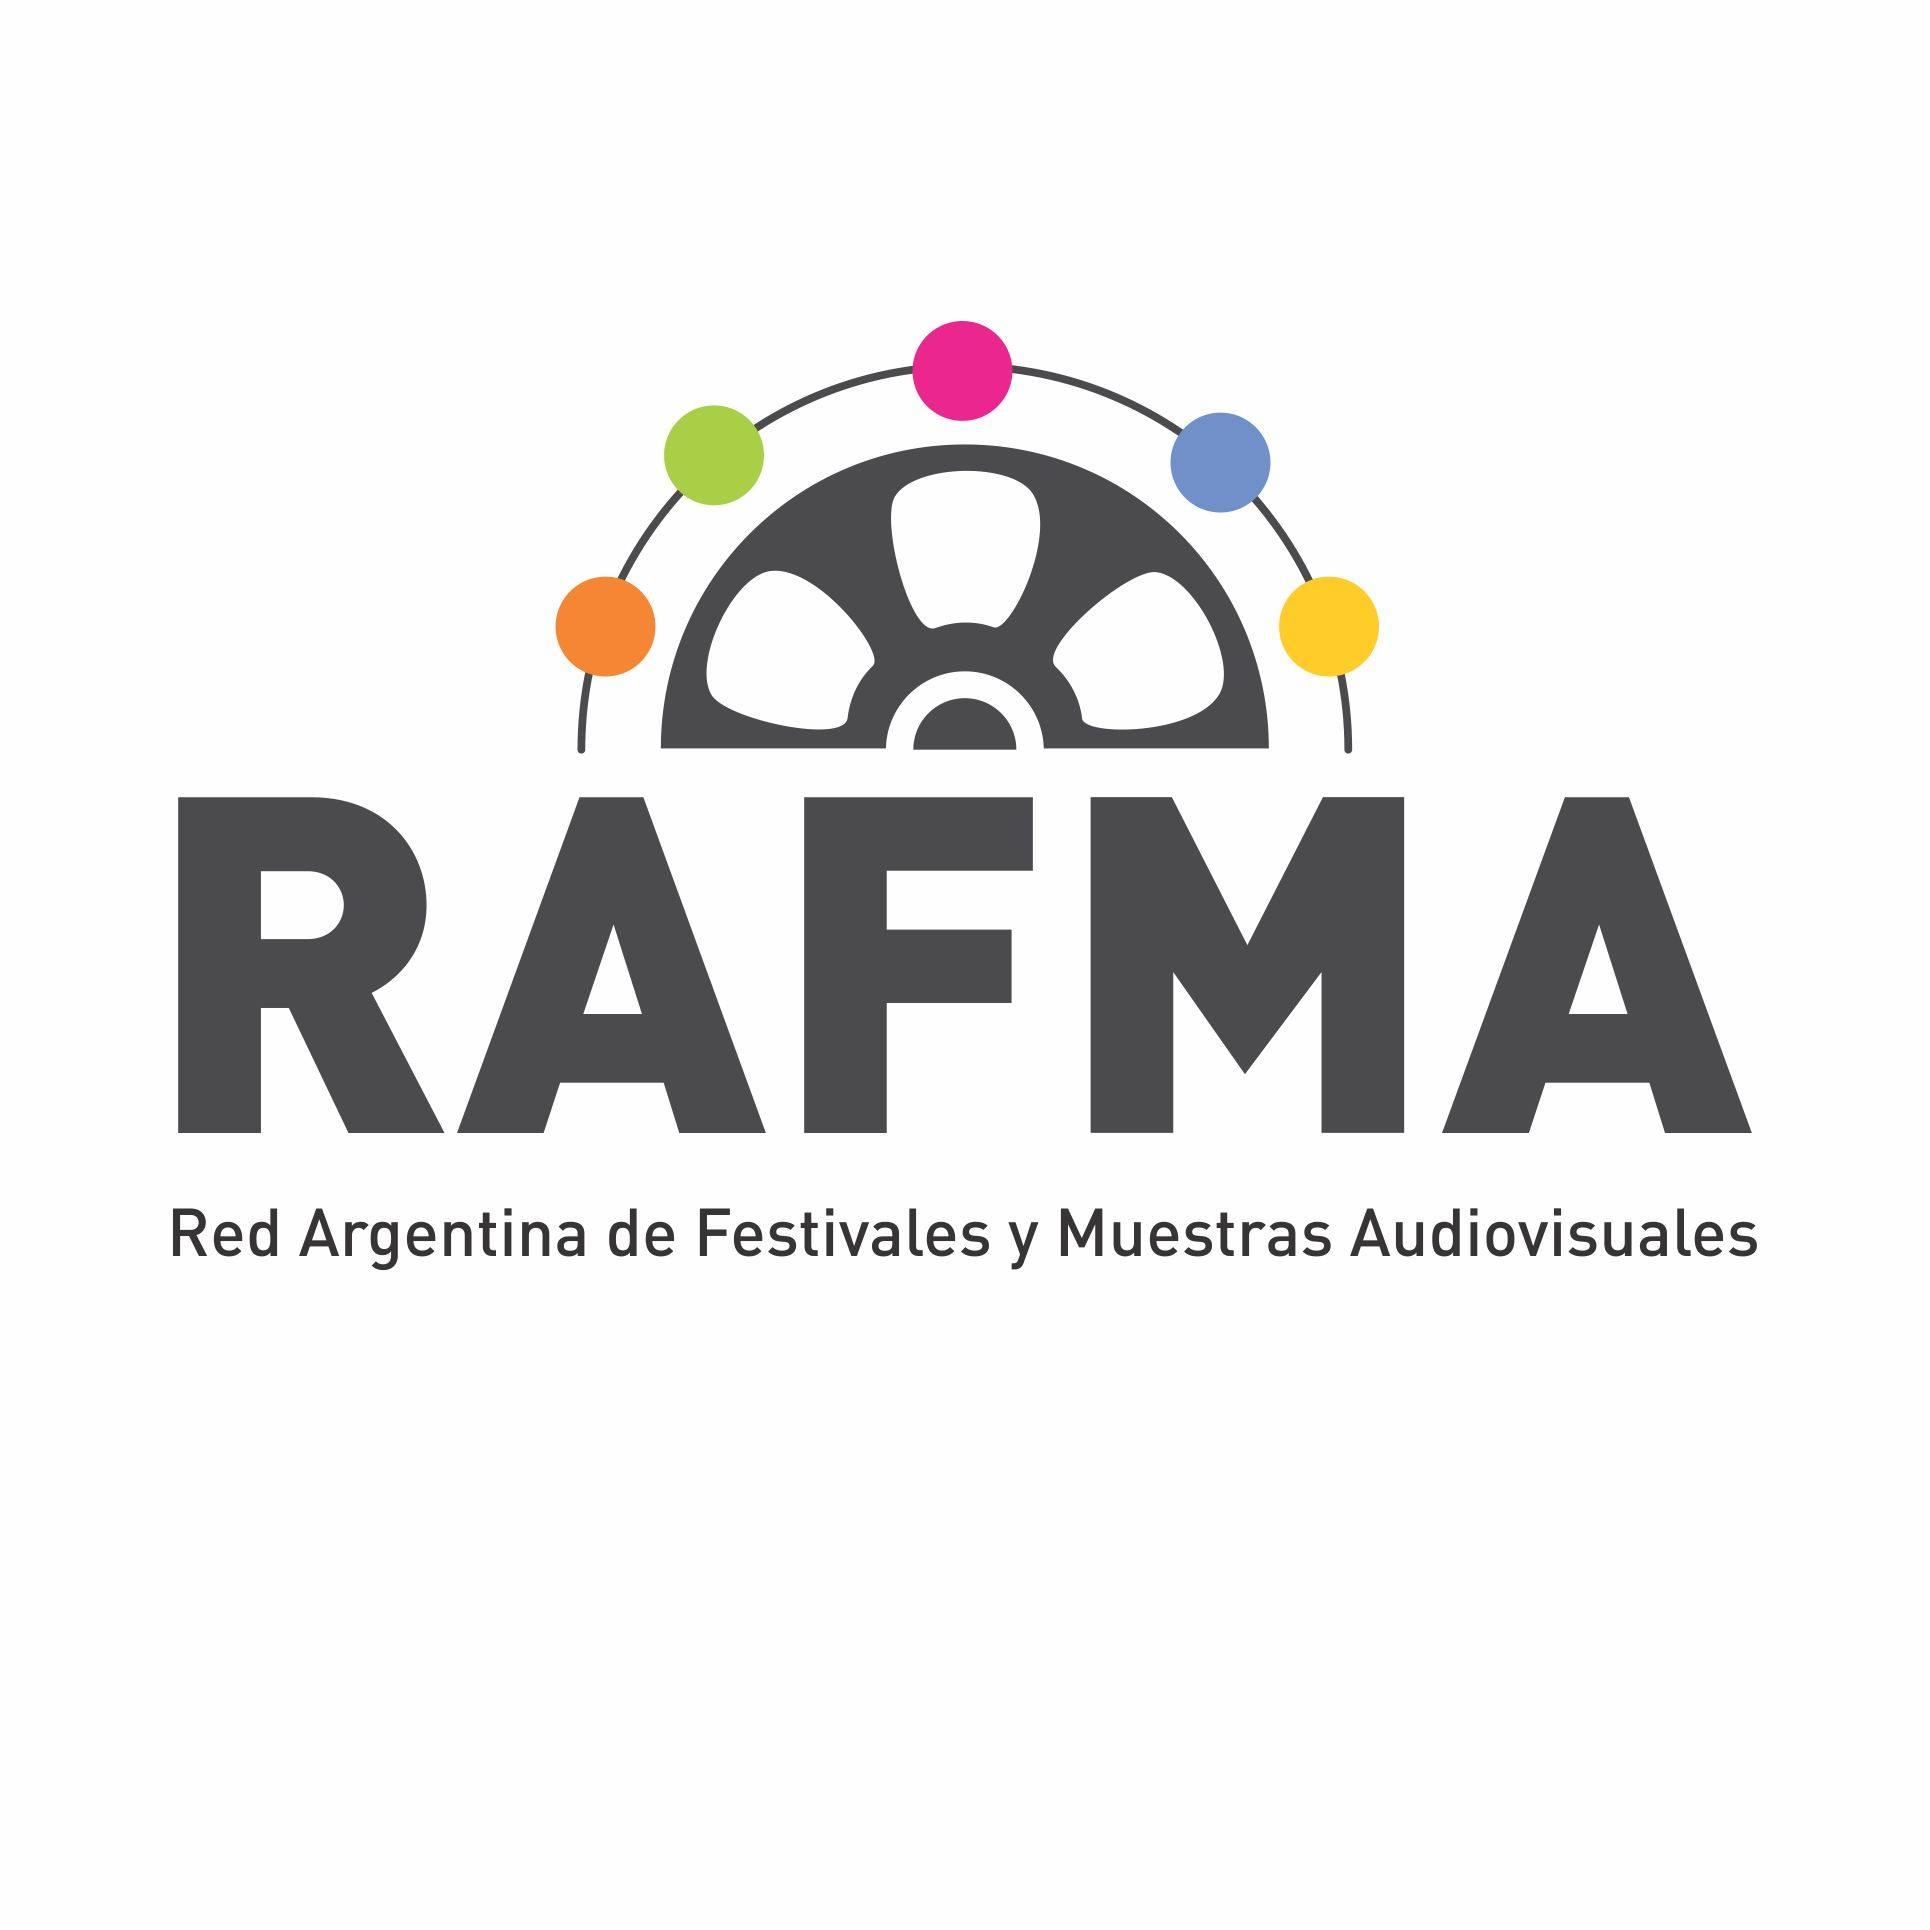 RAFMA repudia el tratamiento de La Cornisa de Luis Majul donde se desprestigia a los festivales nacionales de cine organizados de manera independiente a la gestión del Incaa